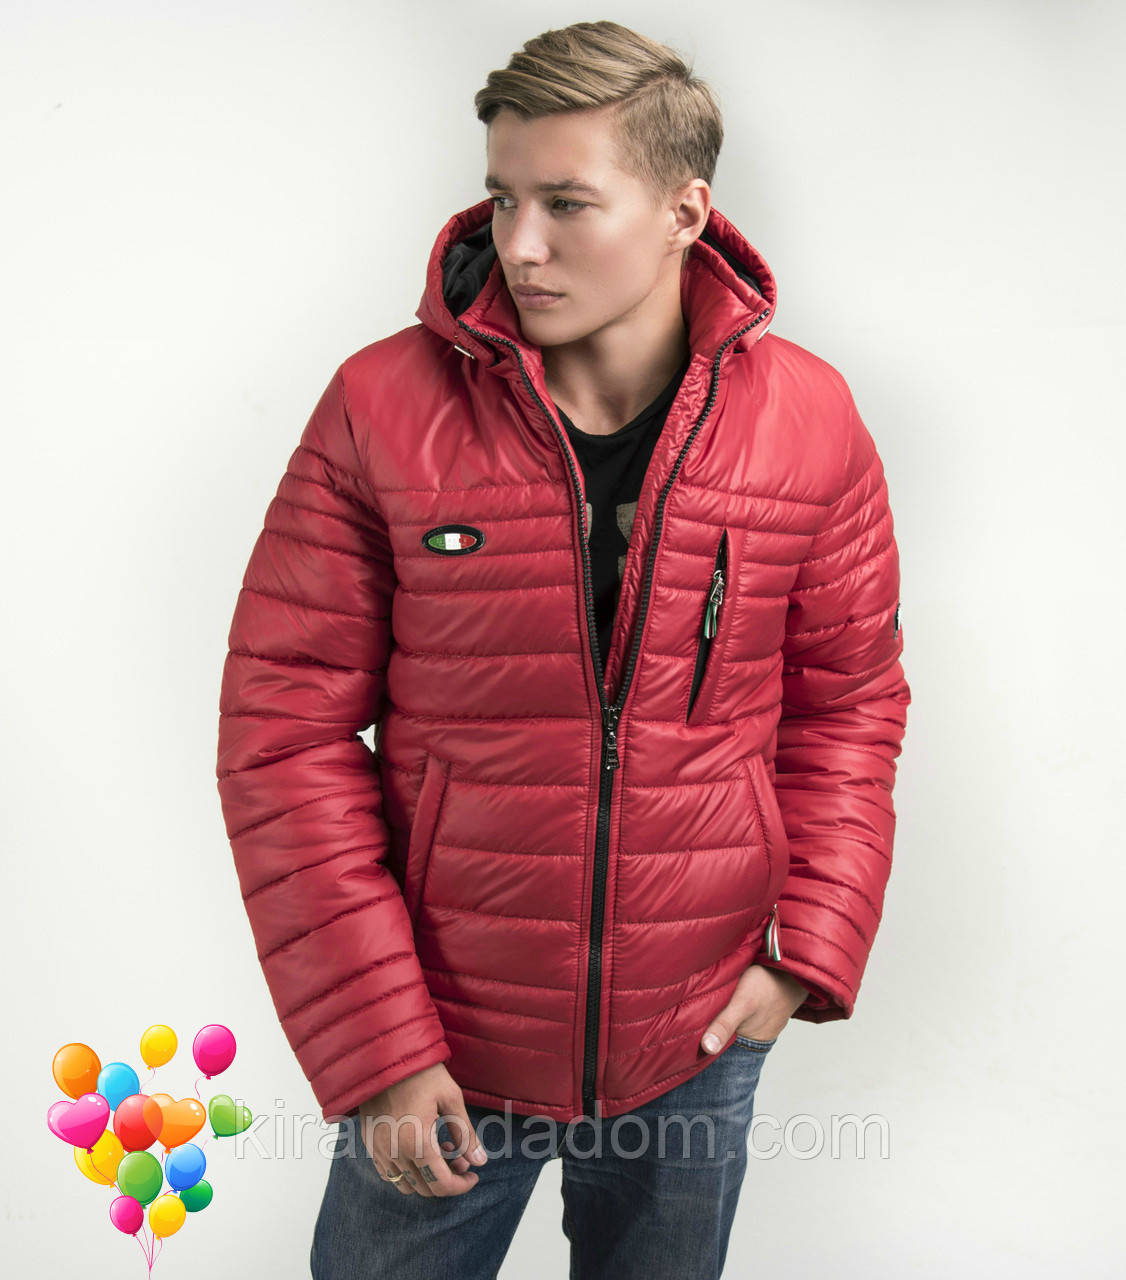 79ca88f0808f Мужские зимние куртки и пуховики молодежные - Модный дом одежды Кира в  Харькове